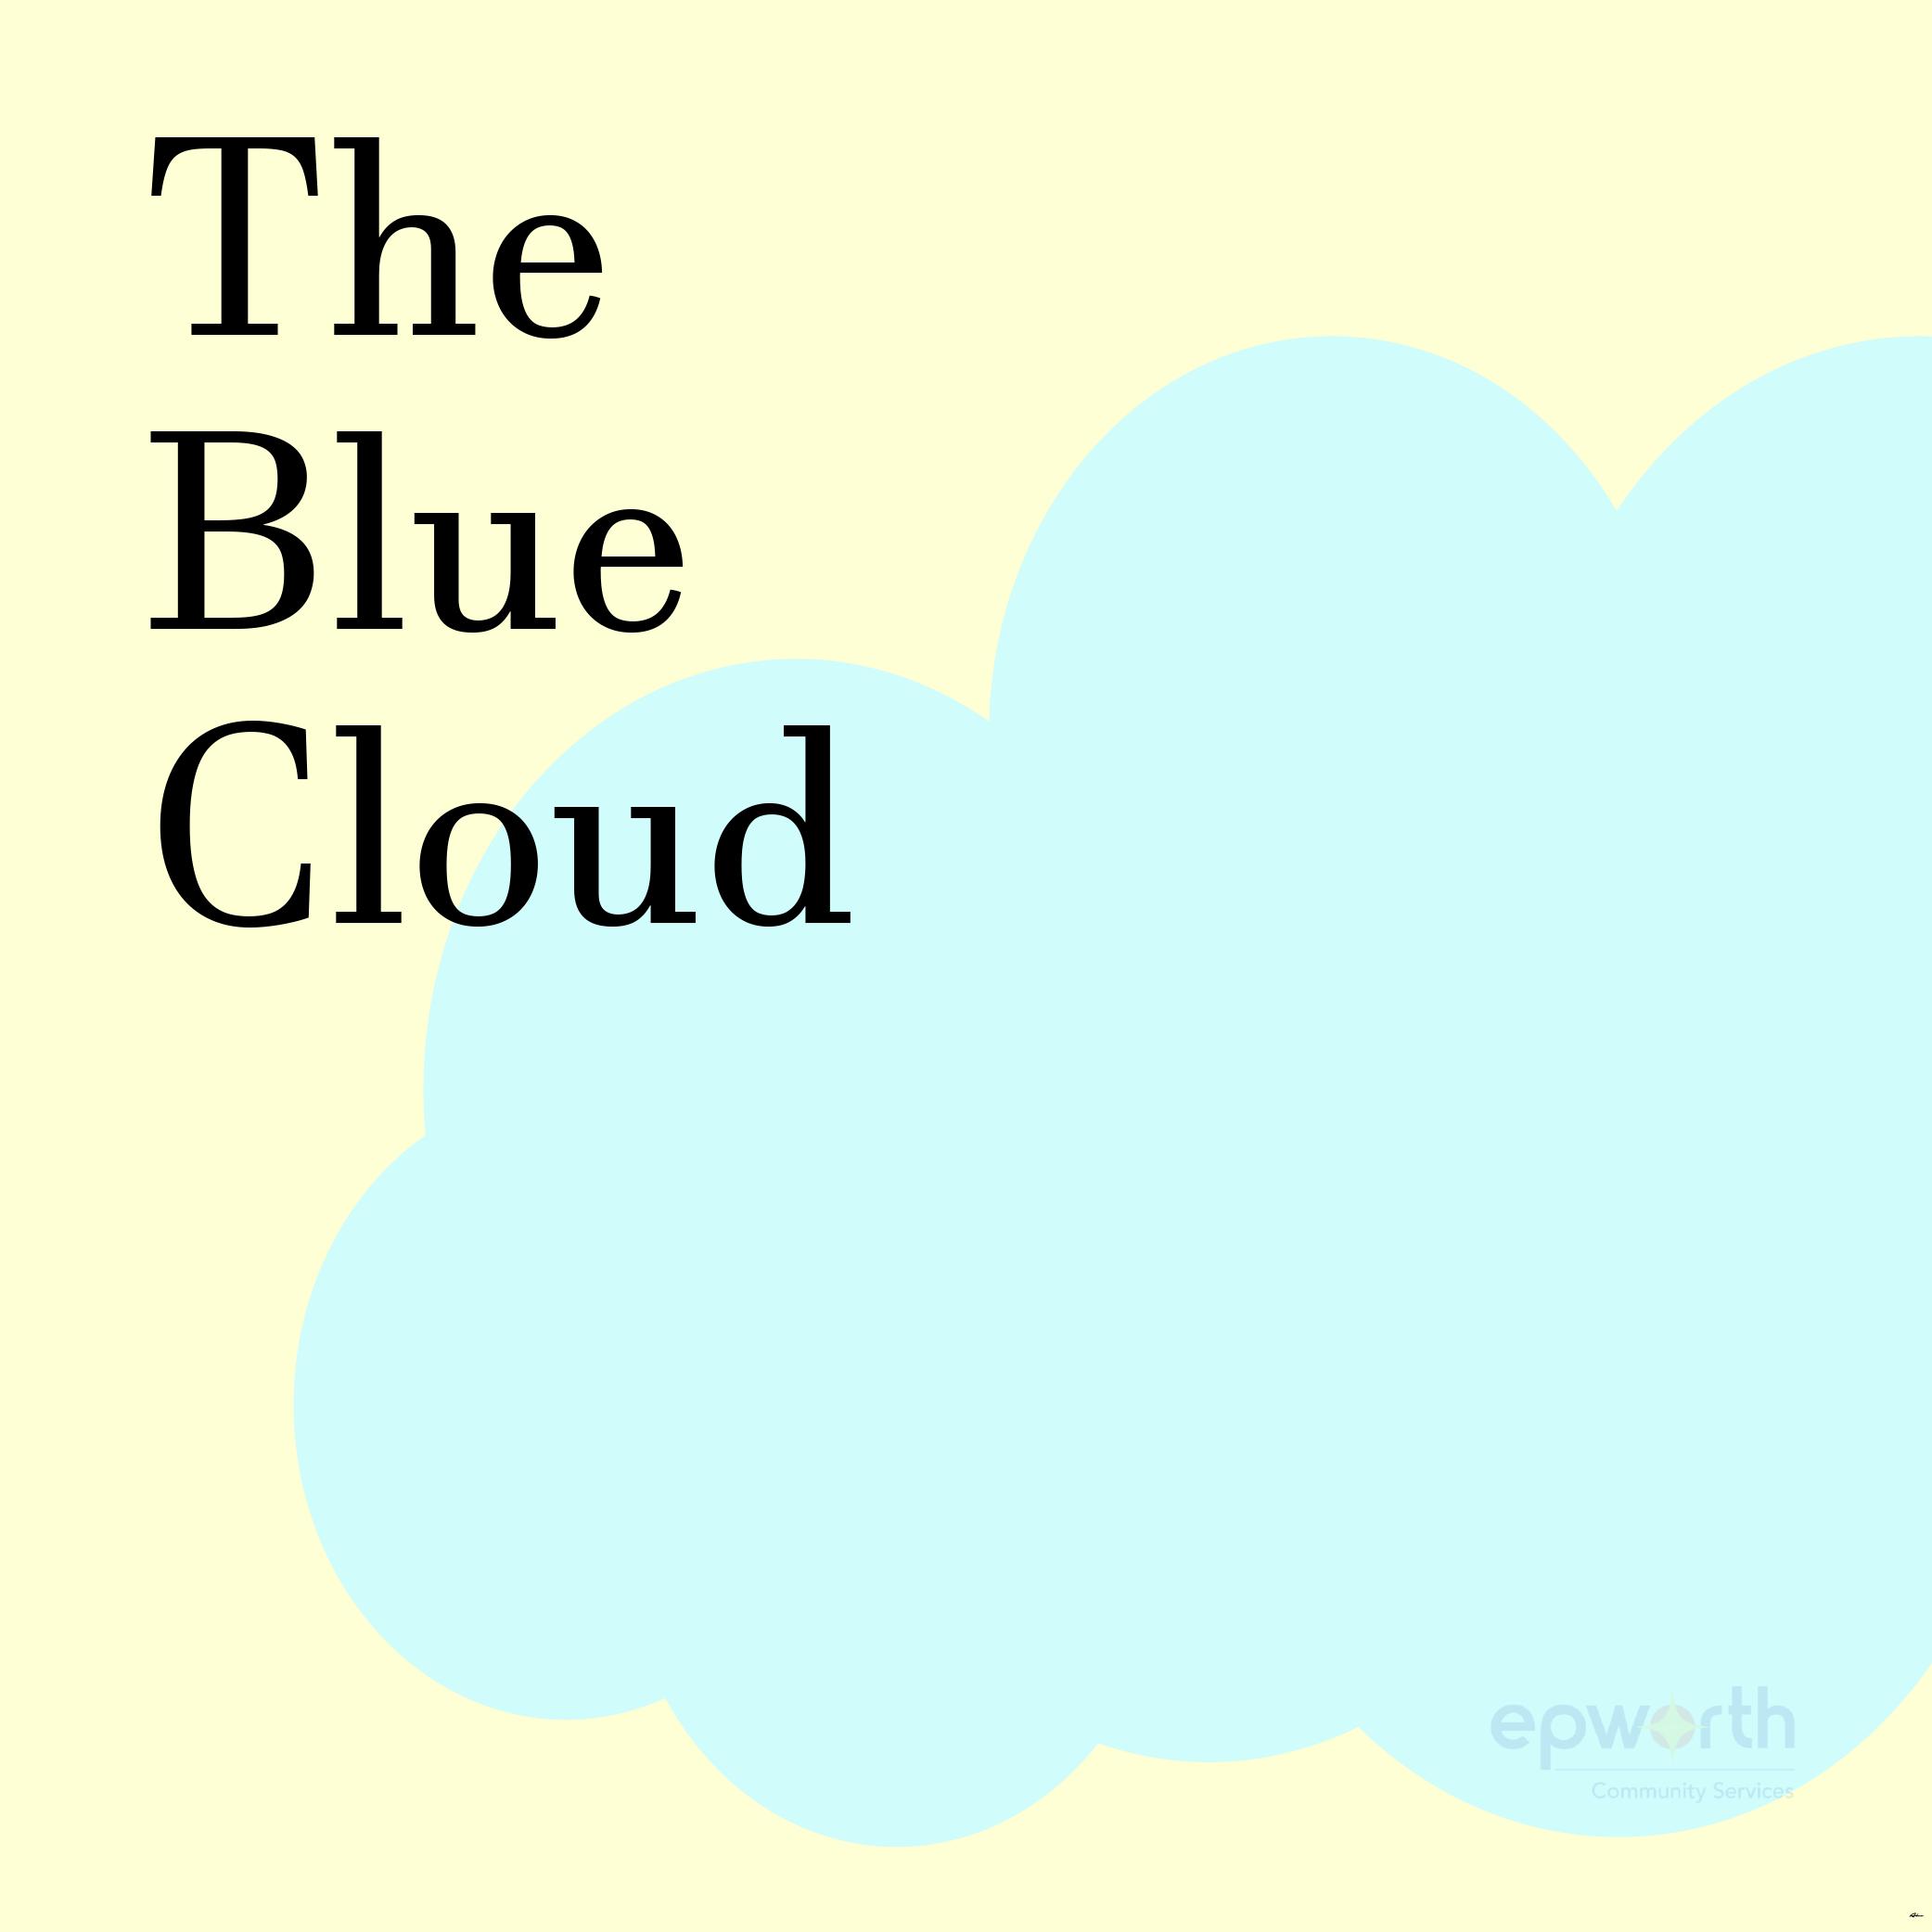 The Blue Cloud